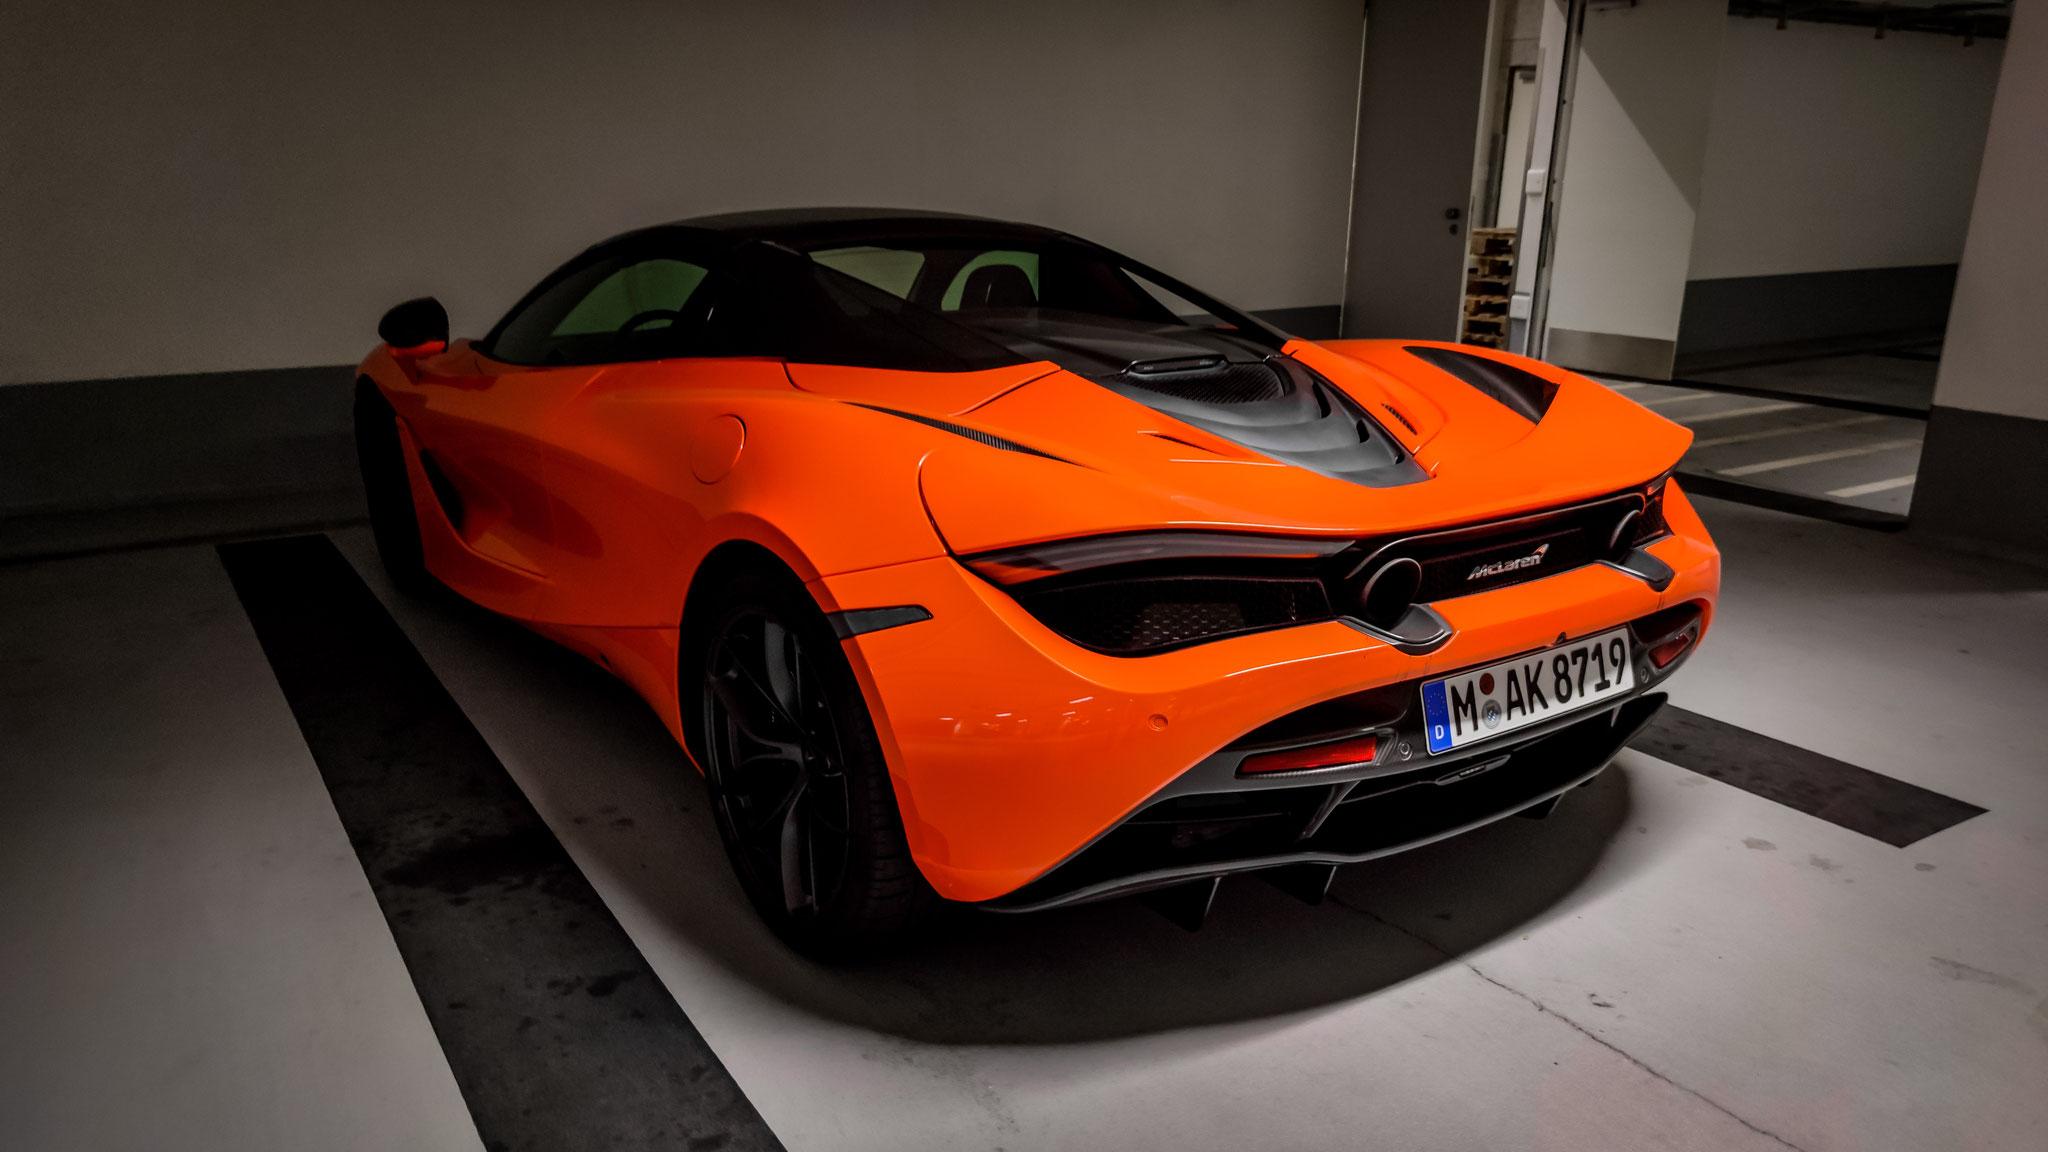 McLaren 720S Spider - M-AK-8719